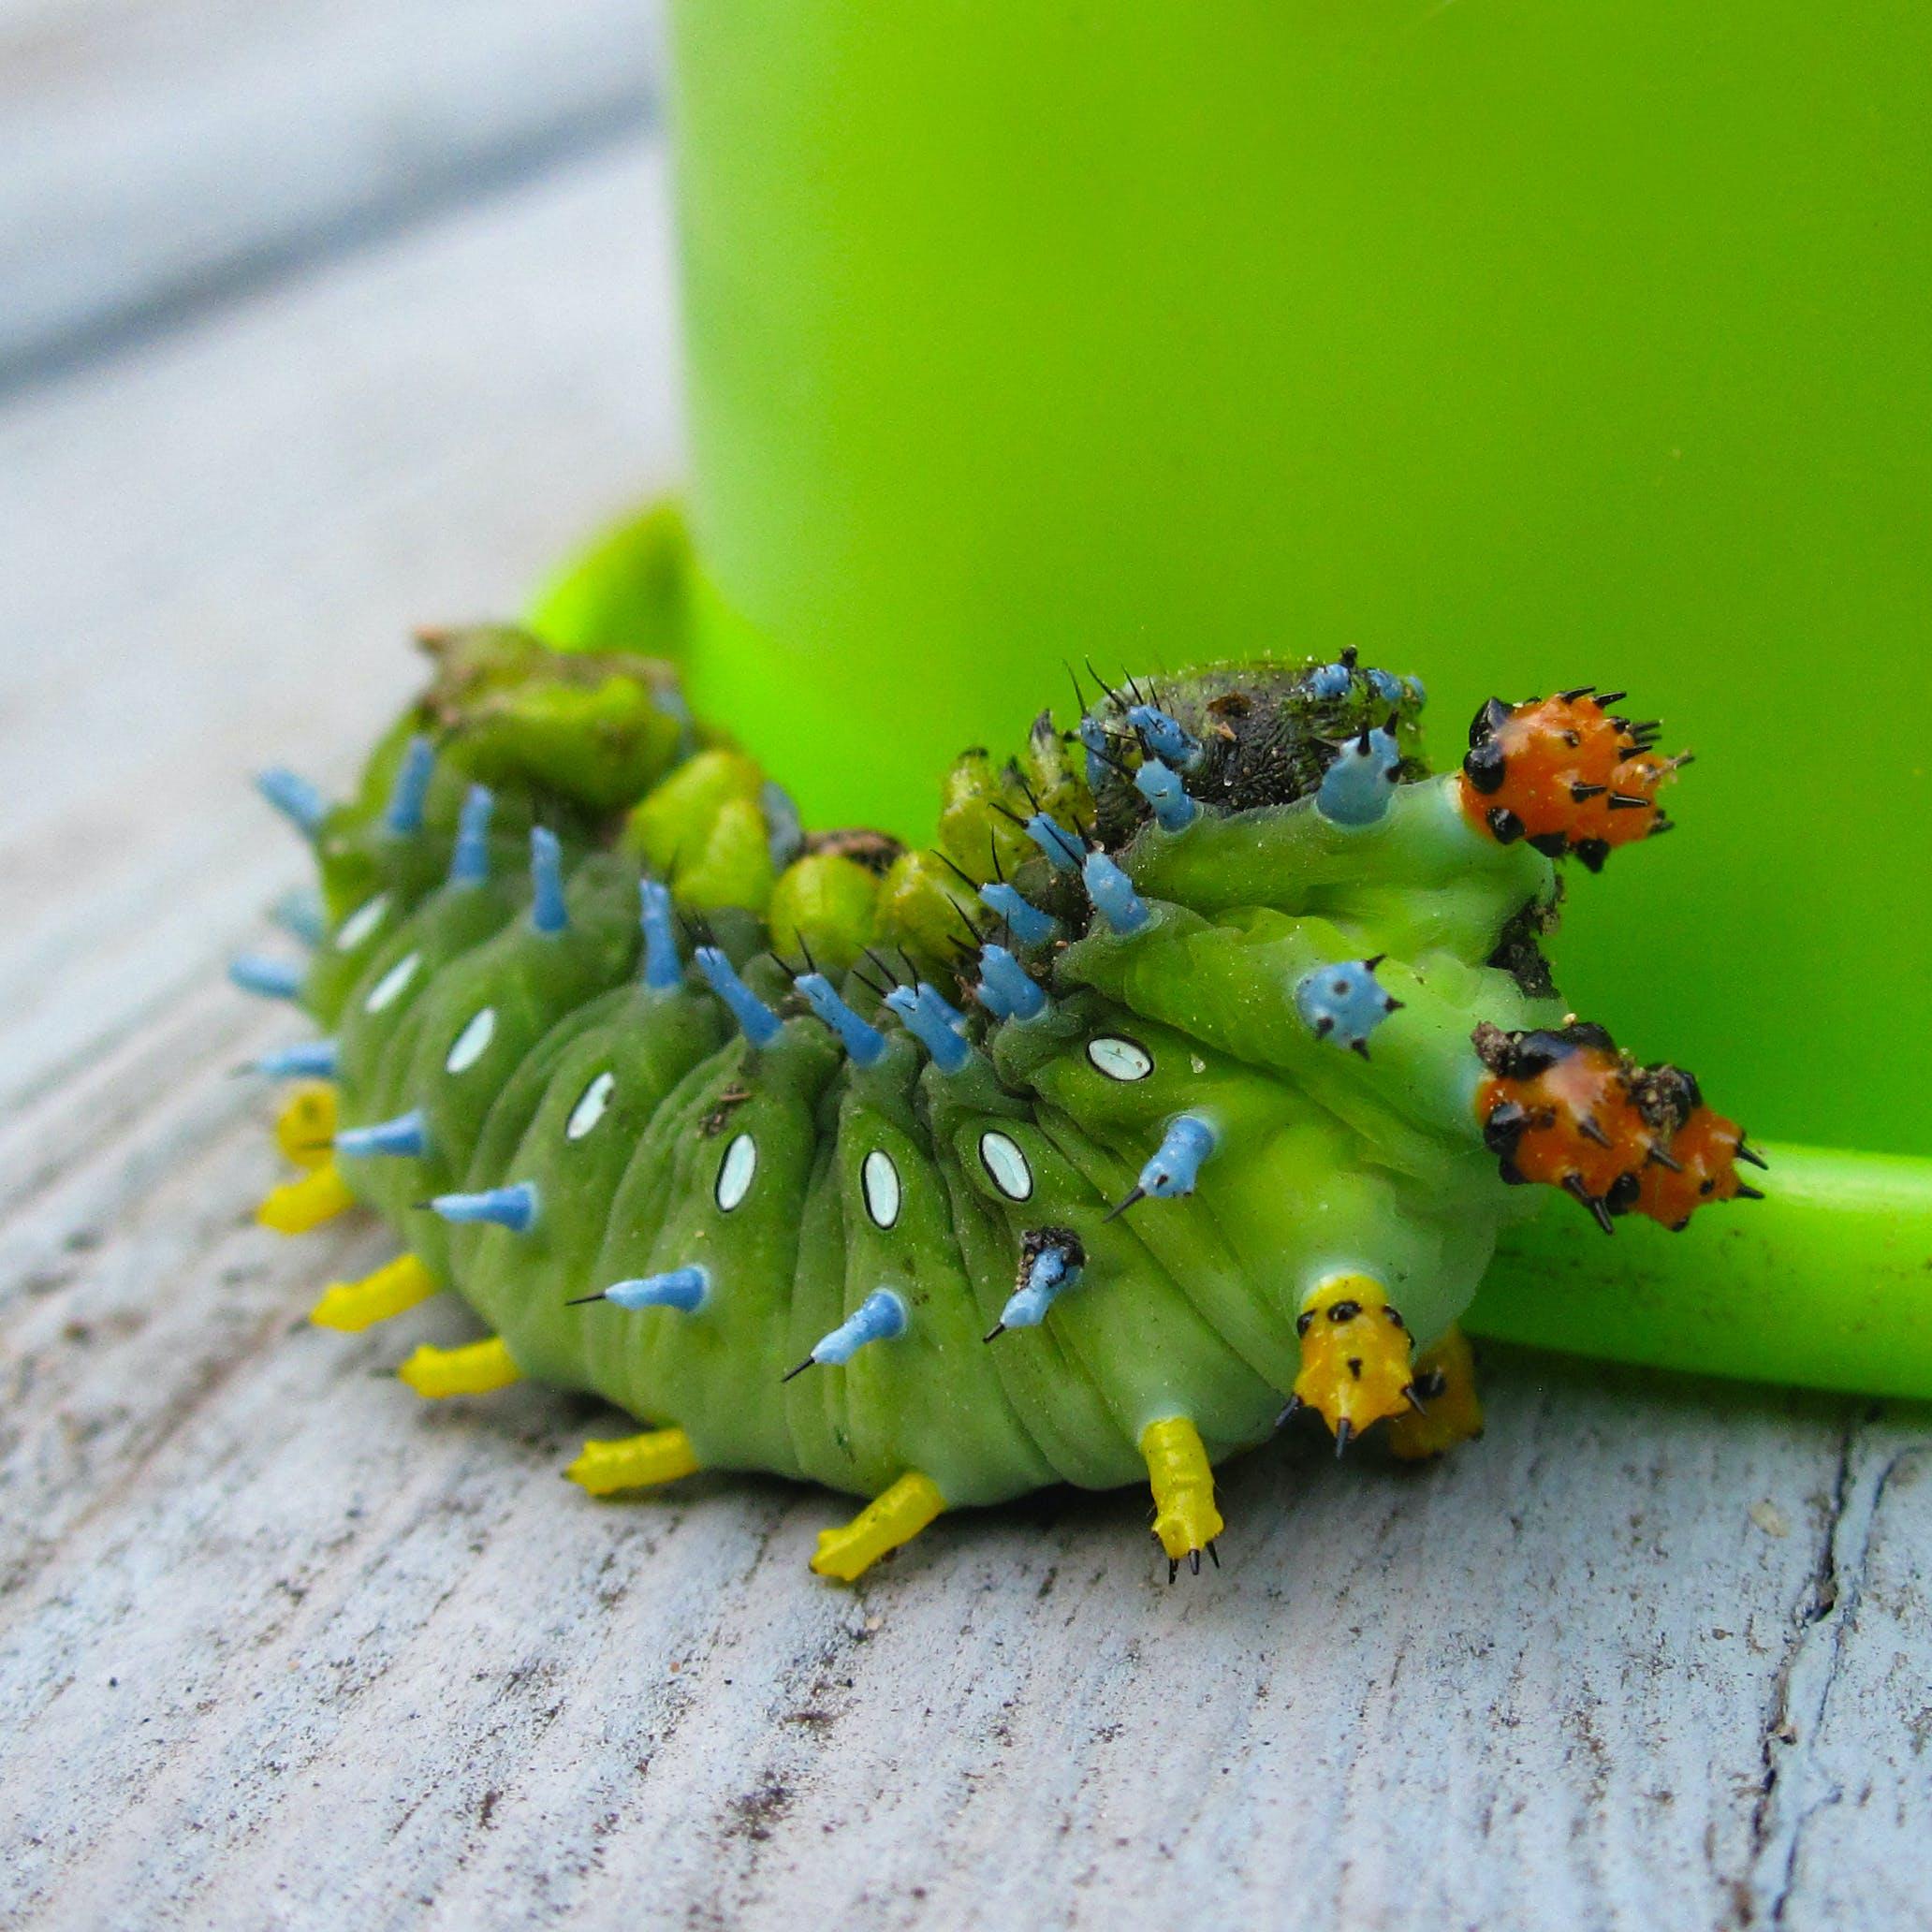 Green Catterpillar